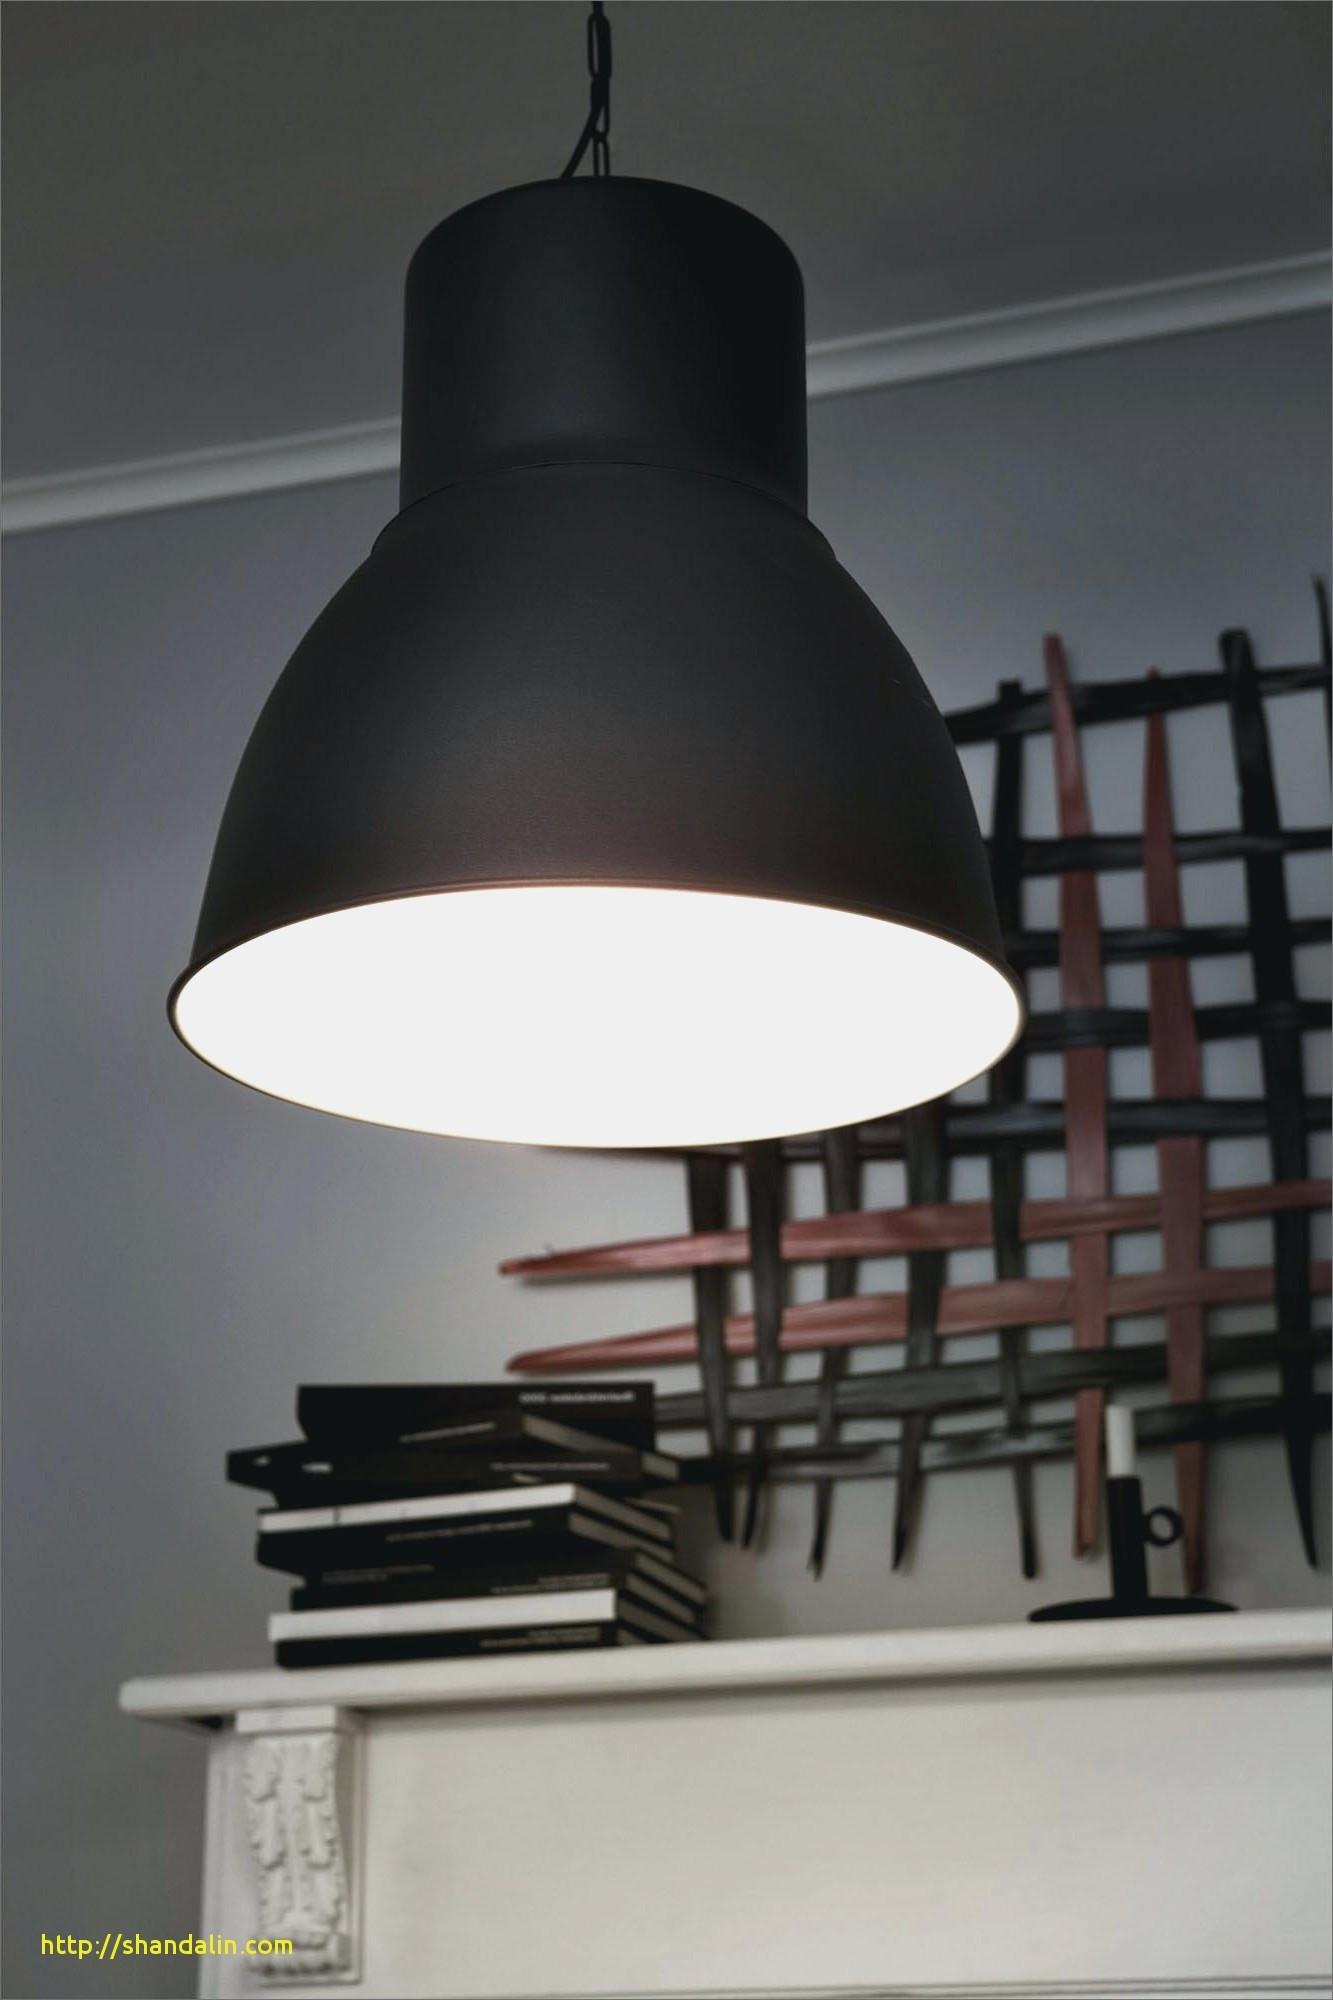 Applique Salle De Bain Avec Interrupteur Ikea Unique Images Luminaires Appliques Murales Projet – Sullivanmaxx